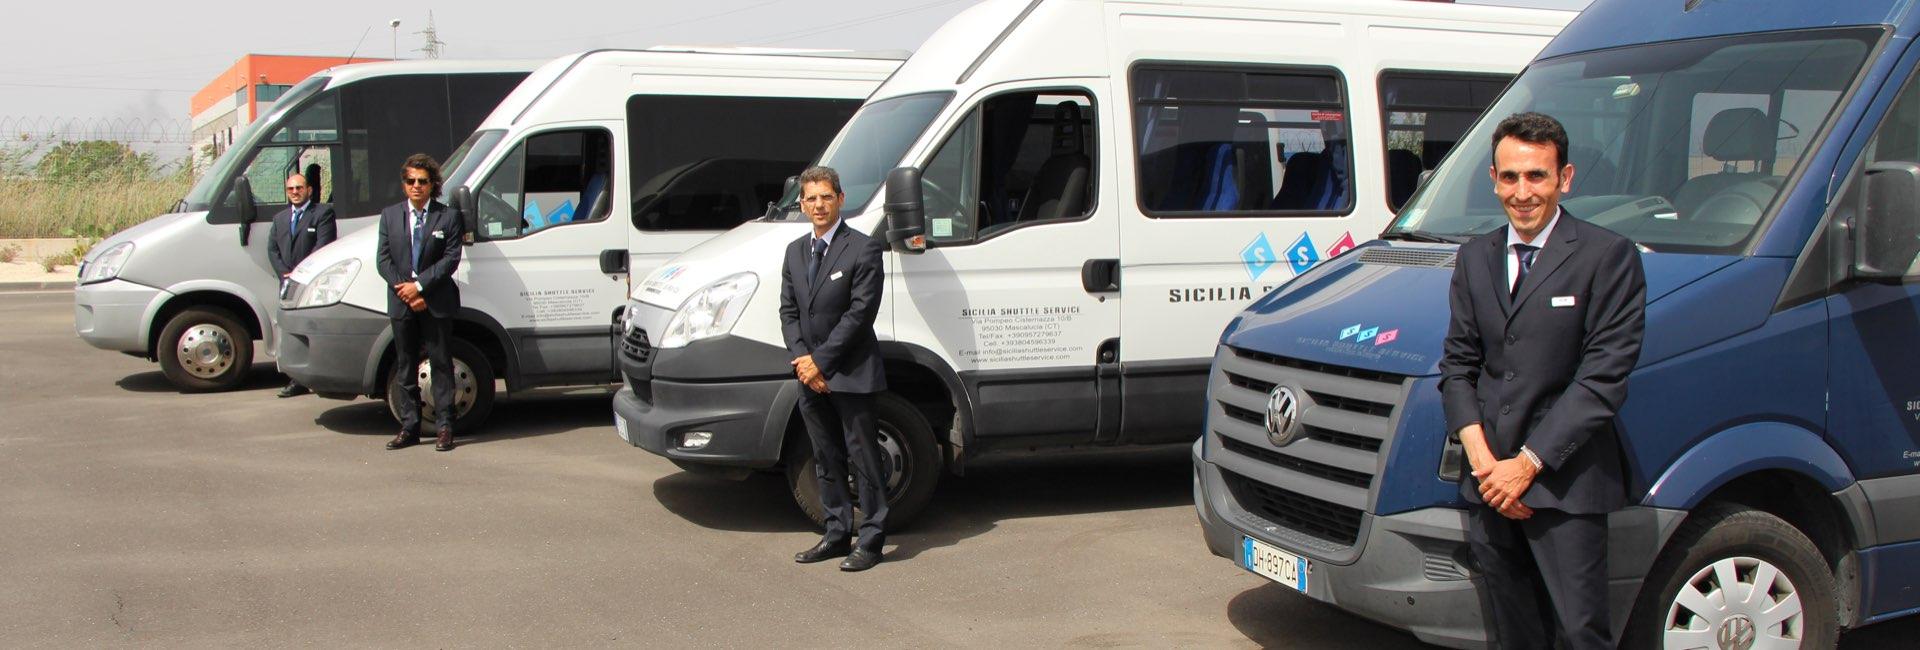 Bus autisti escursioni sicilia